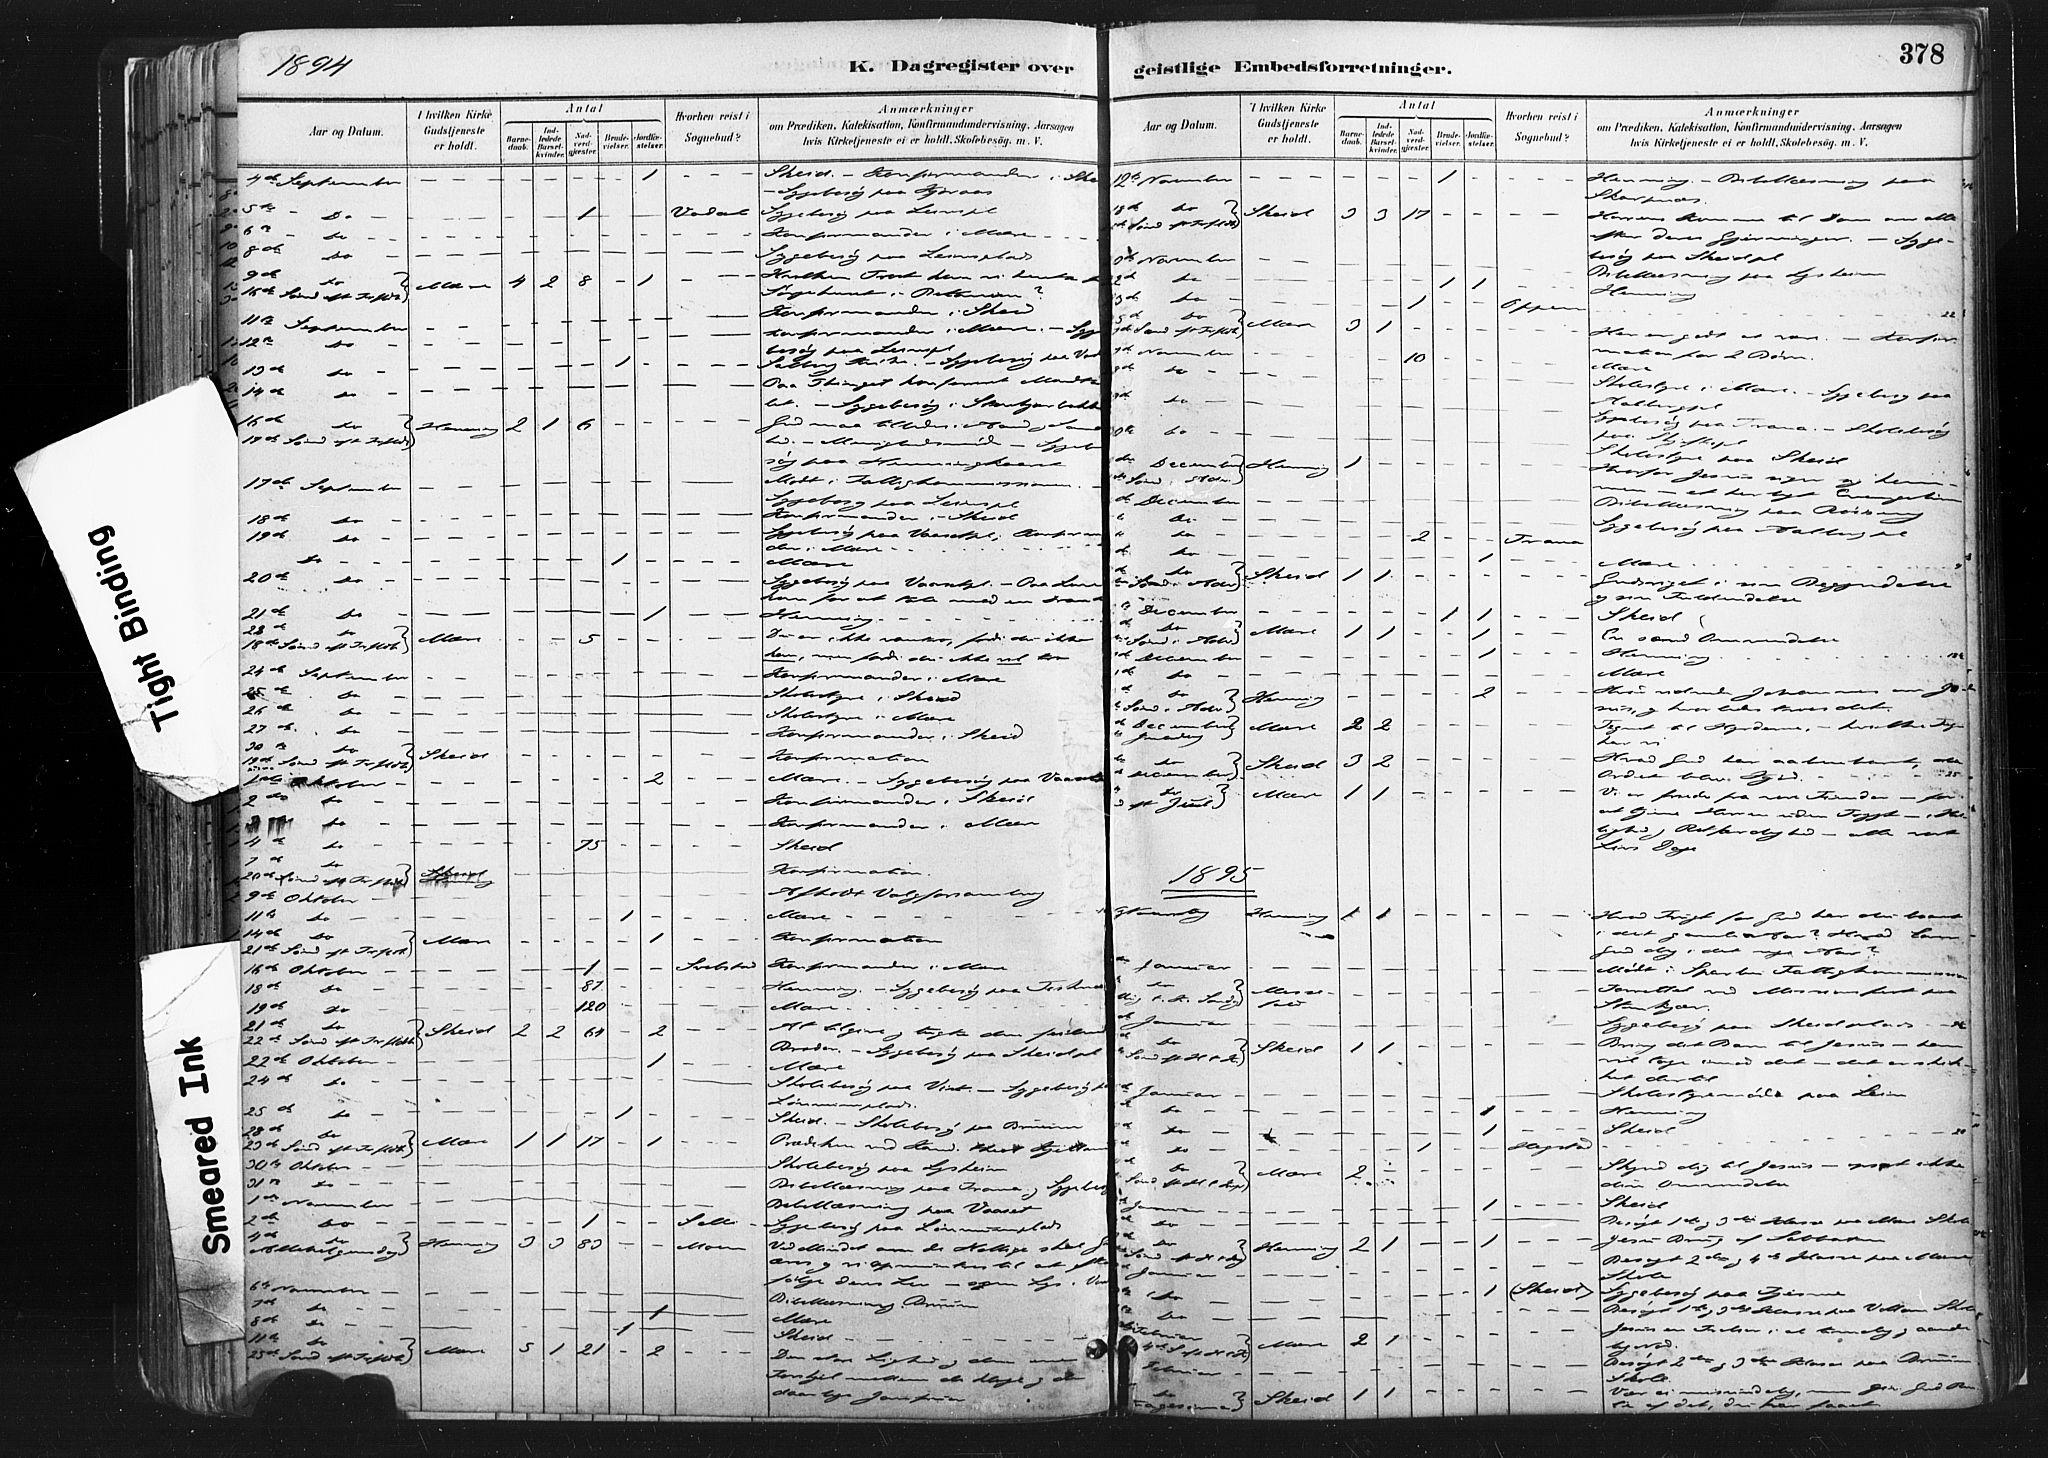 SAT, Ministerialprotokoller, klokkerbøker og fødselsregistre - Nord-Trøndelag, 735/L0351: Ministerialbok nr. 735A10, 1884-1908, s. 378